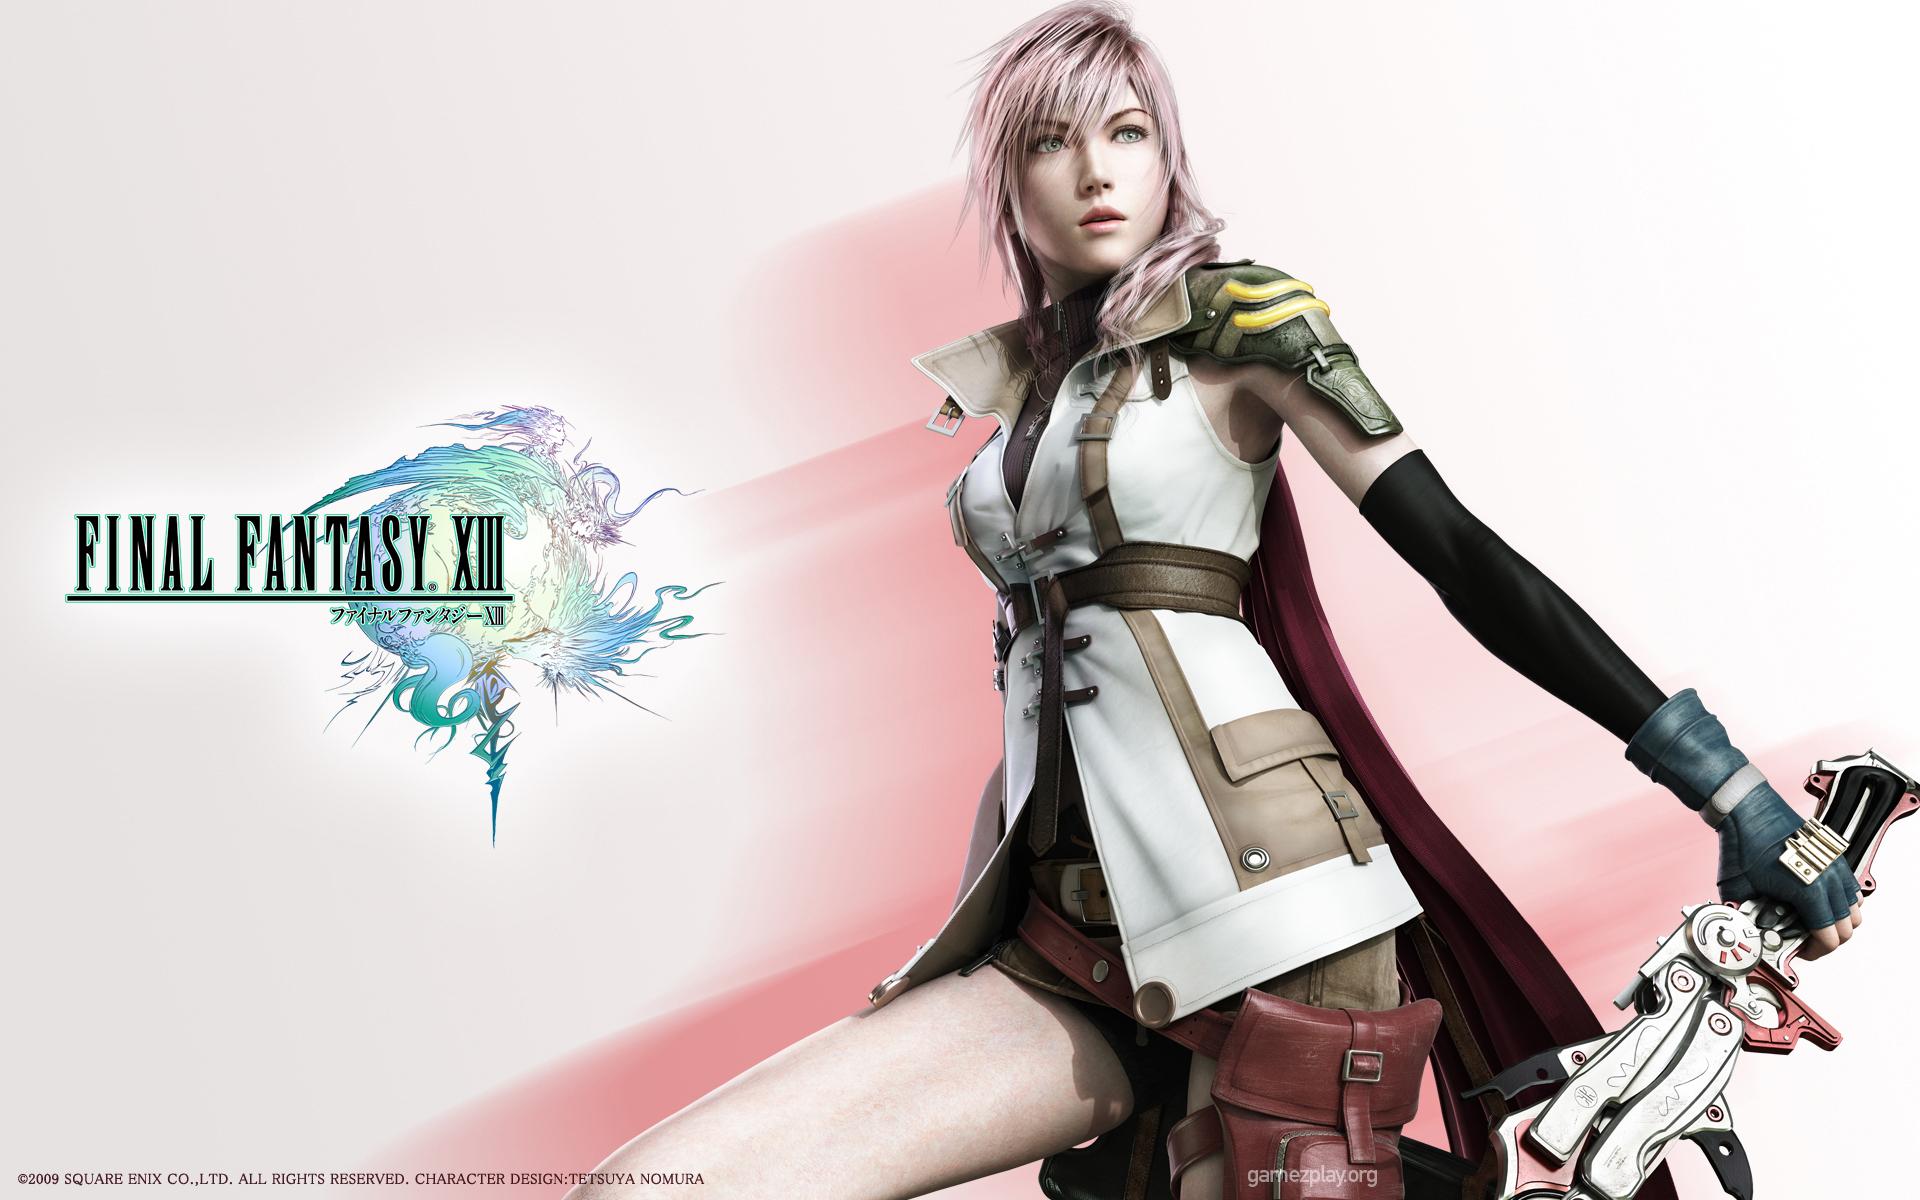 100 Wallpapers de anime HD Final_Fantasy_XIII_Free-9